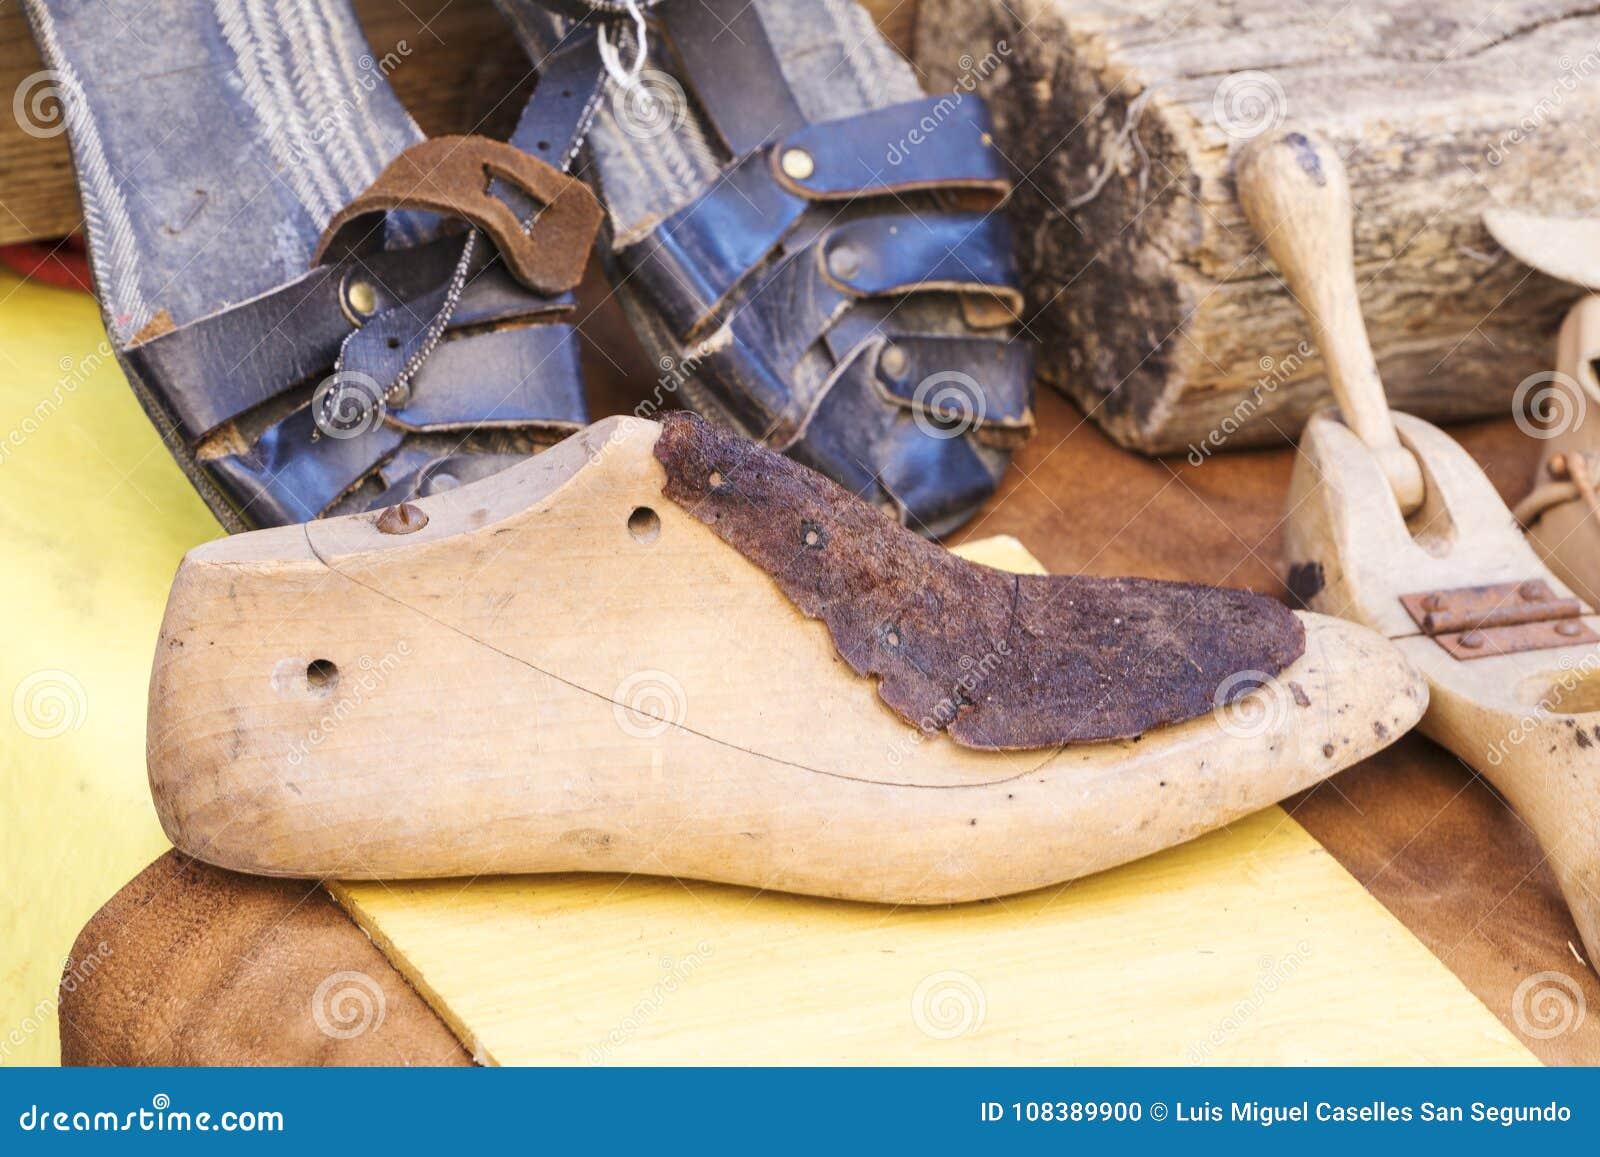 Strumenti Per Lavorare Il Legno : Vecchi strumenti di legno per lavorare le calzature fotografia stock